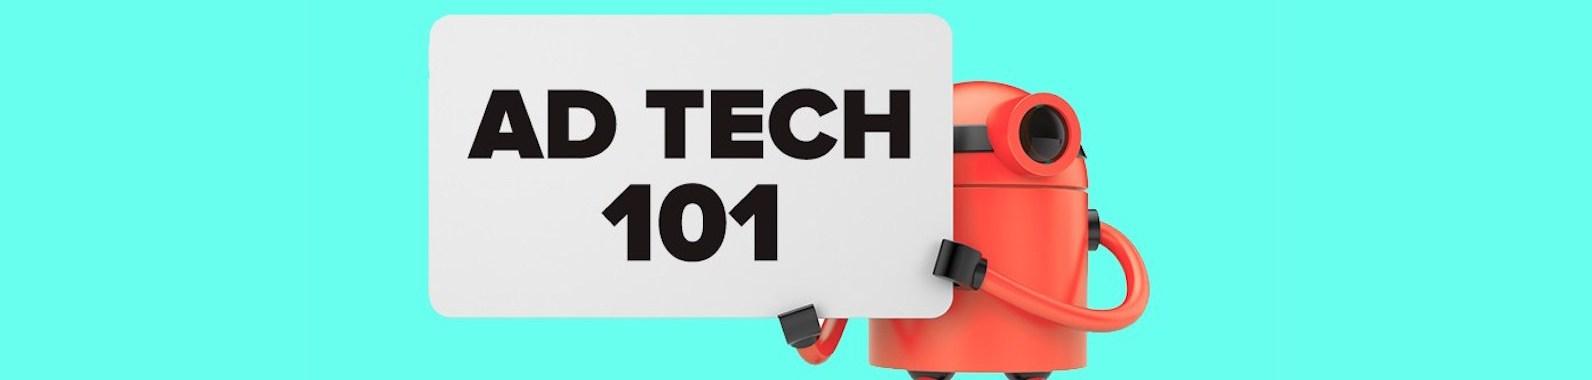 ad-tech-101